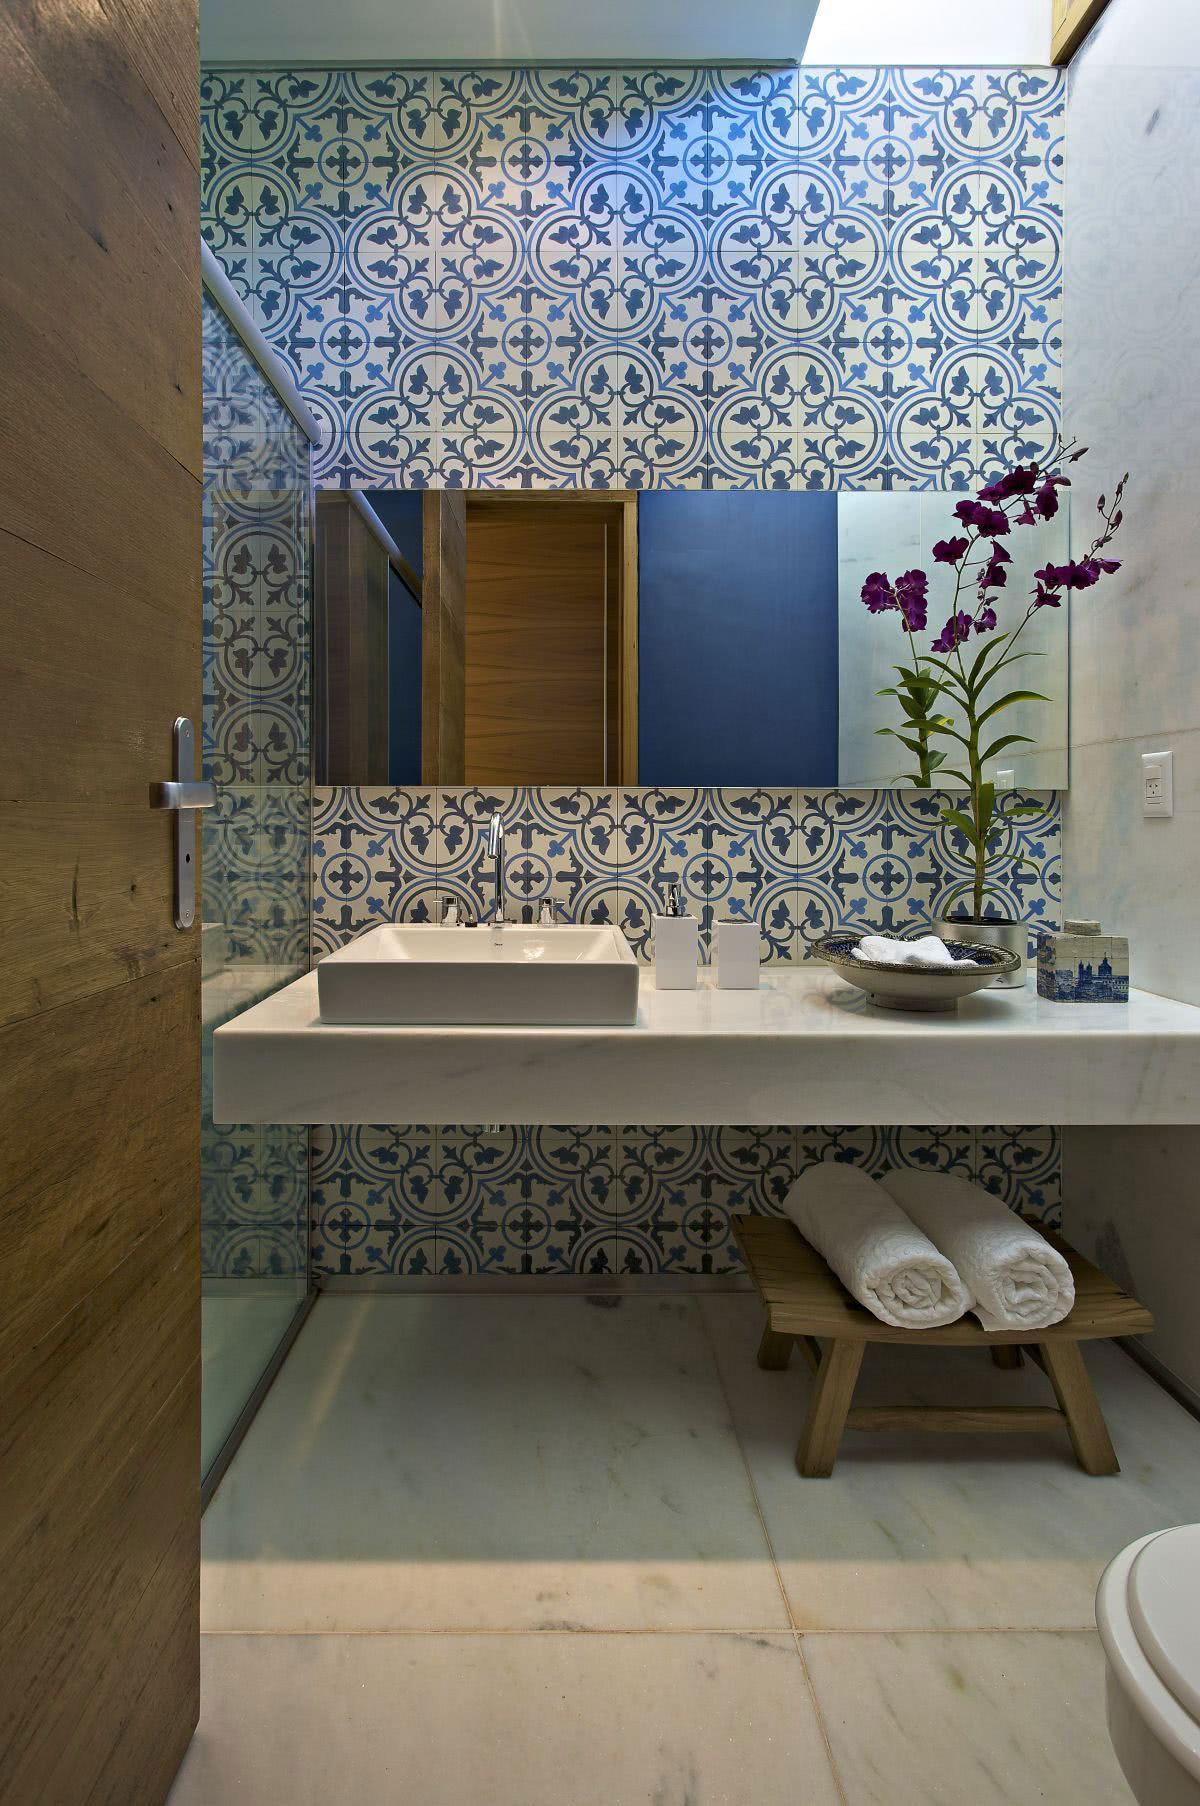 Um exemplo de como o azulejo pode mudar a cara da decoração.